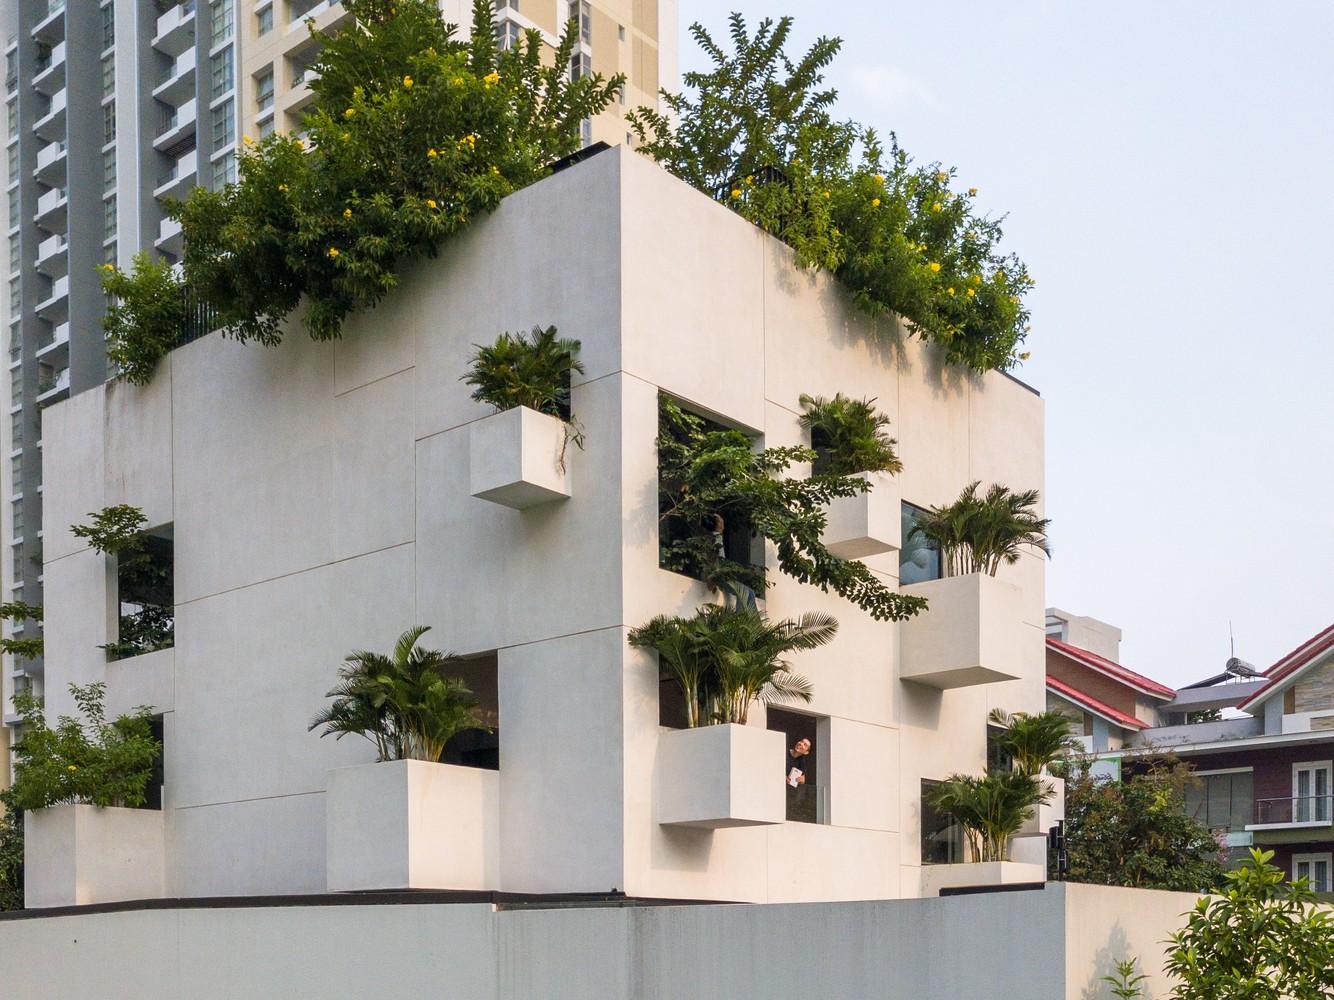 Tendencias en diseño y construcción del 2020: Lo recurrente, popular, relevante y sustancial,Sky House / MIA Design Studio. Image © Trieu Chien